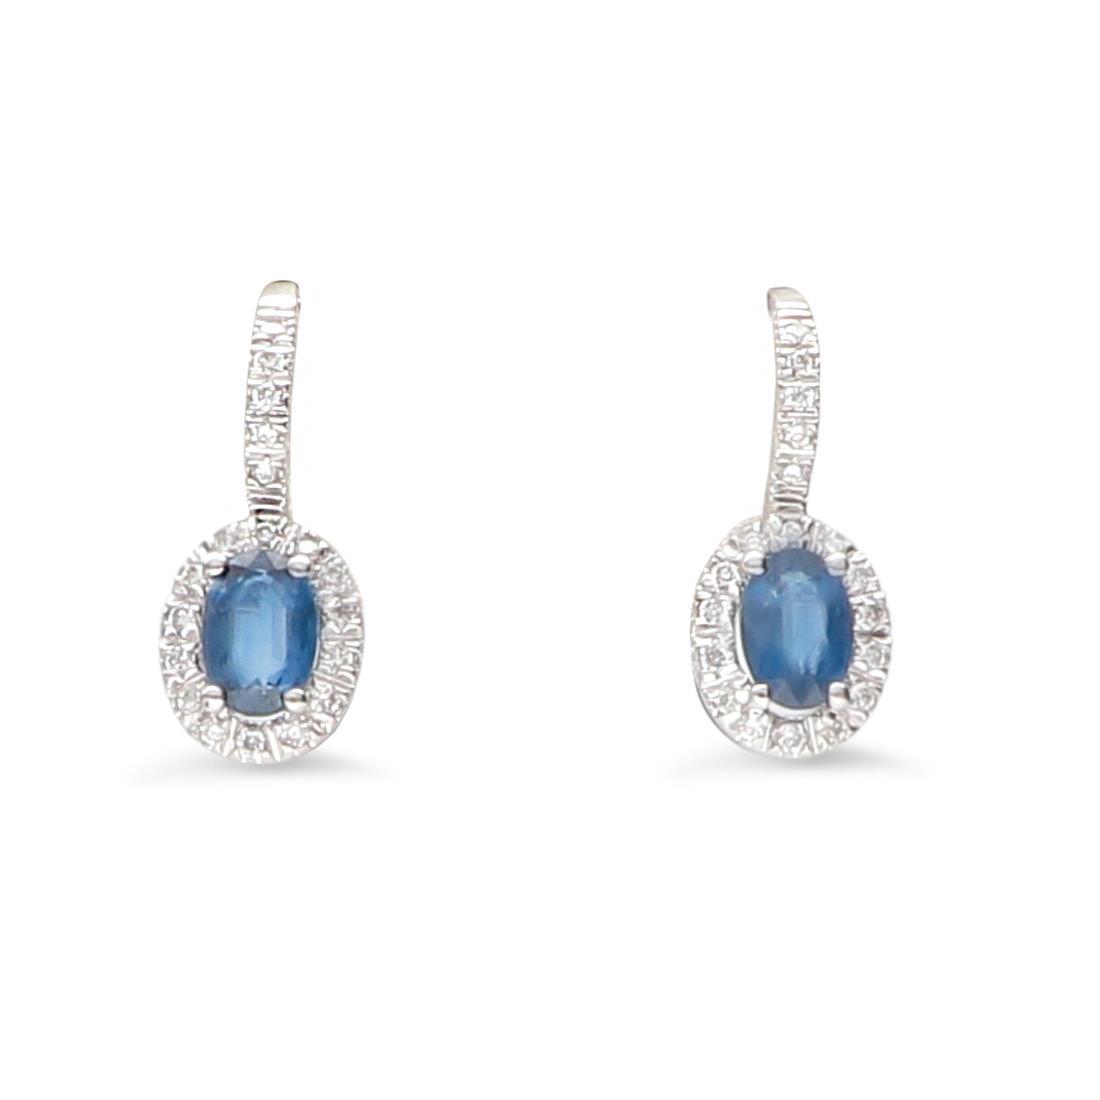 Orecchini con diamanti e zaffiri - ALFIERI & ST. JOHN